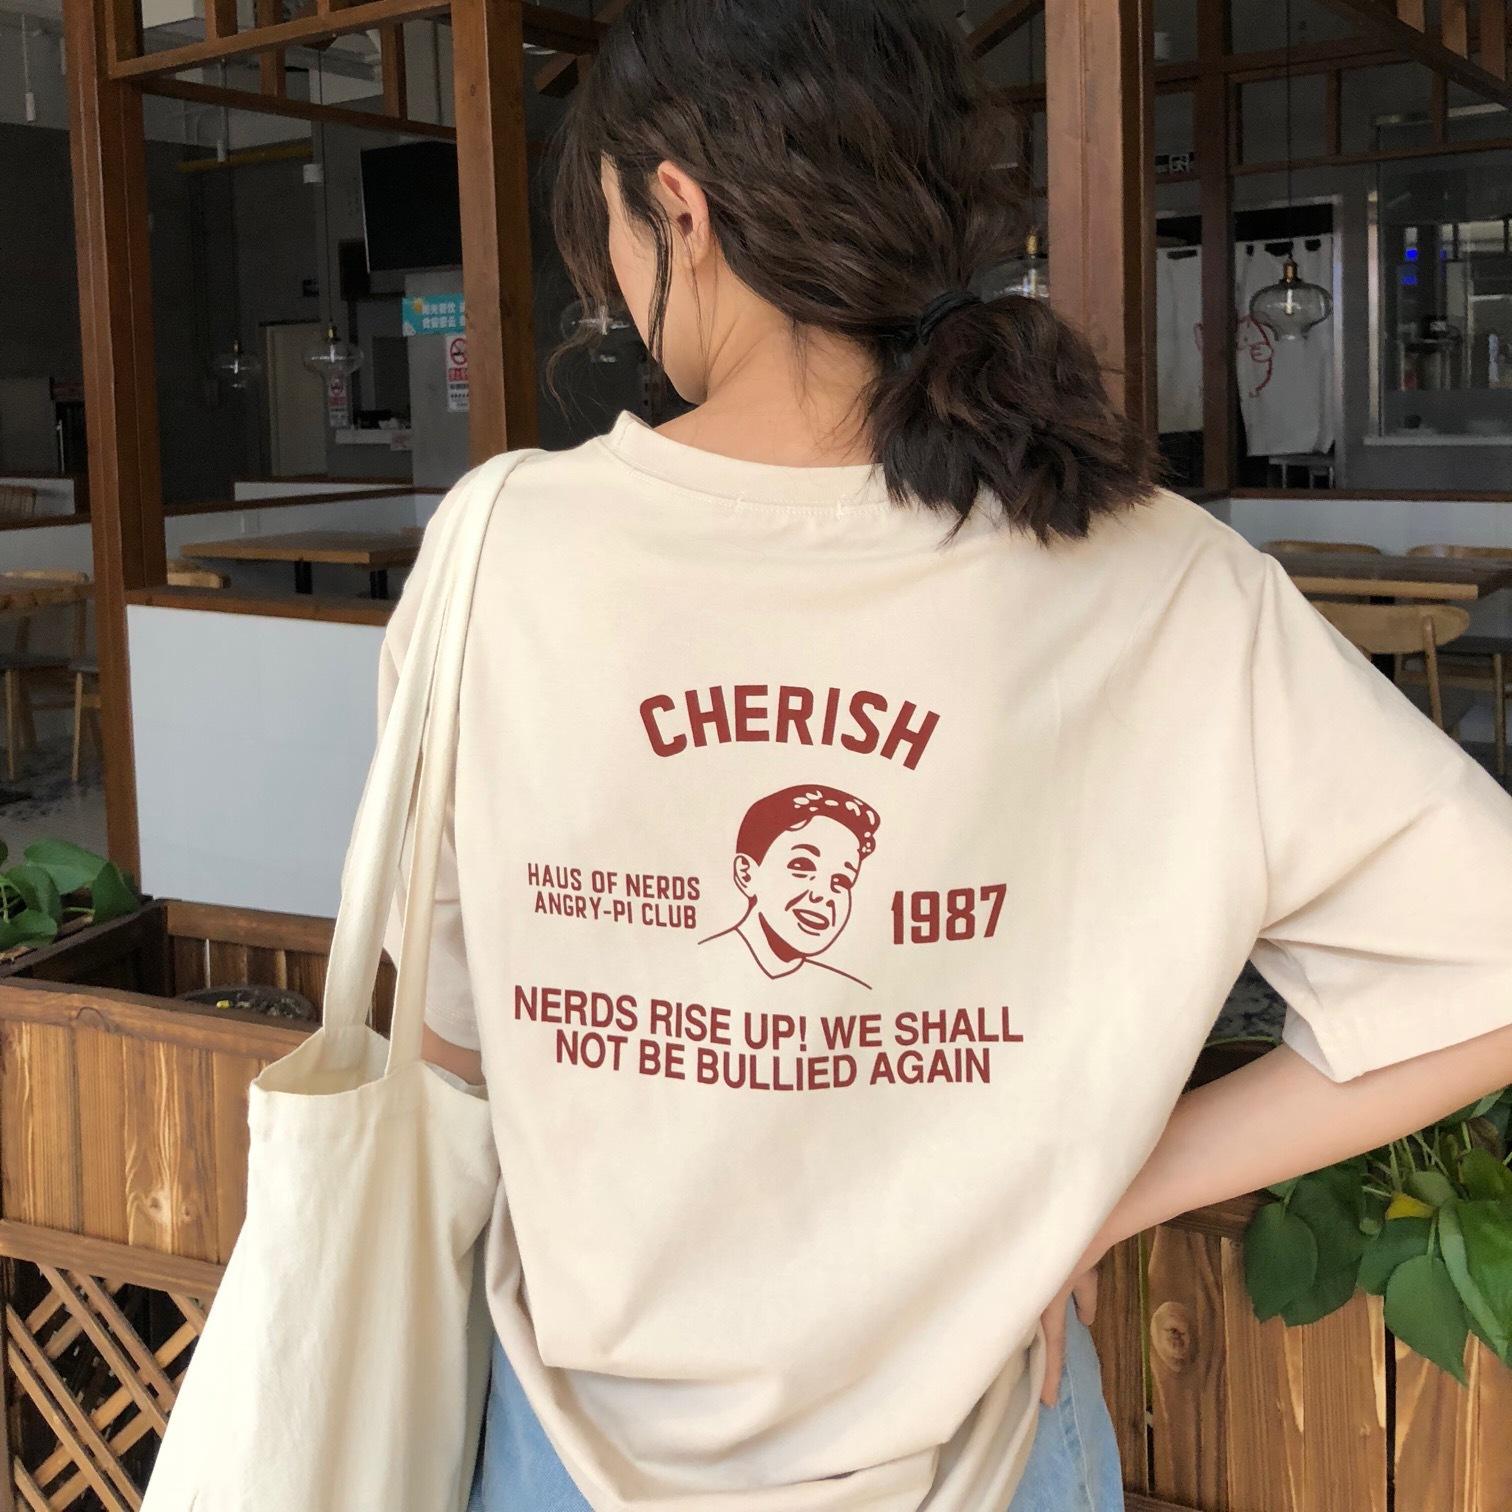 6535棉 衣服女夏2019夏季新款韩版学生短袖T恤女上衣半袖女装批发